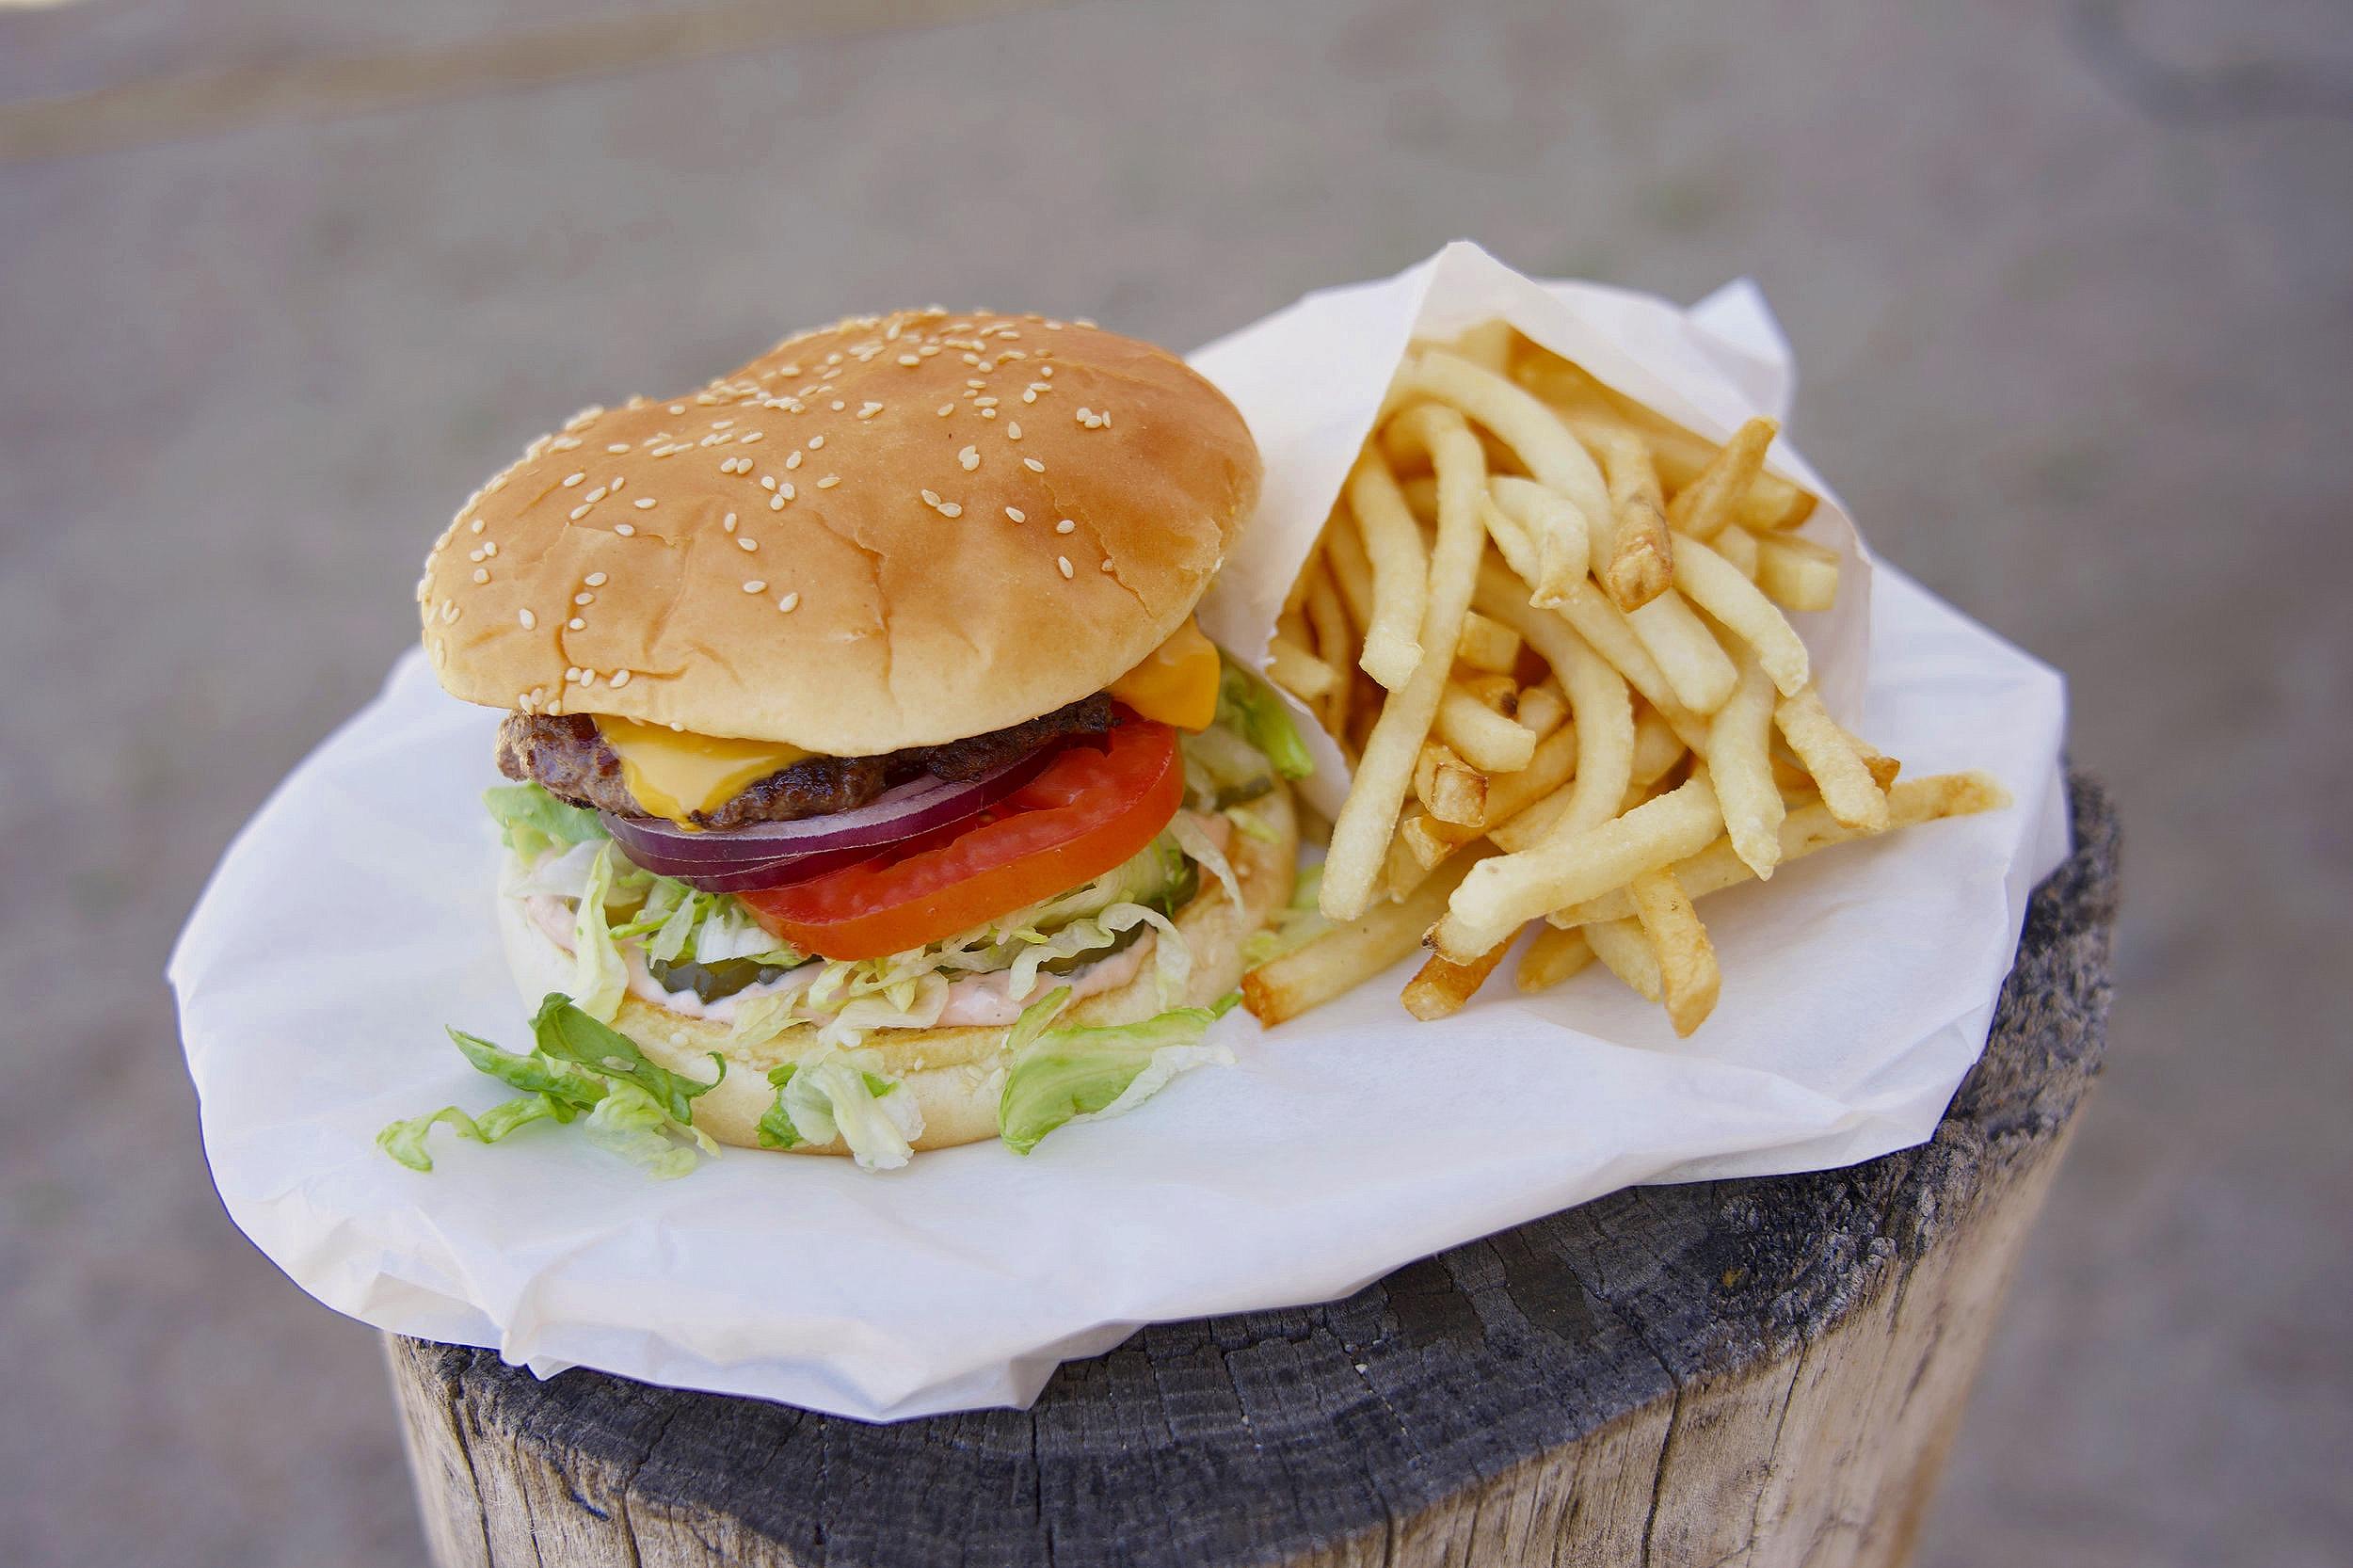 Burgers - McNally Burger (6oz)......$6.00Hamburger (3oz).............$5.00Add ons: Cheese $0.50, Bacon $1.50Extra Patty (3oz): $2.25 (6oz) $2.75